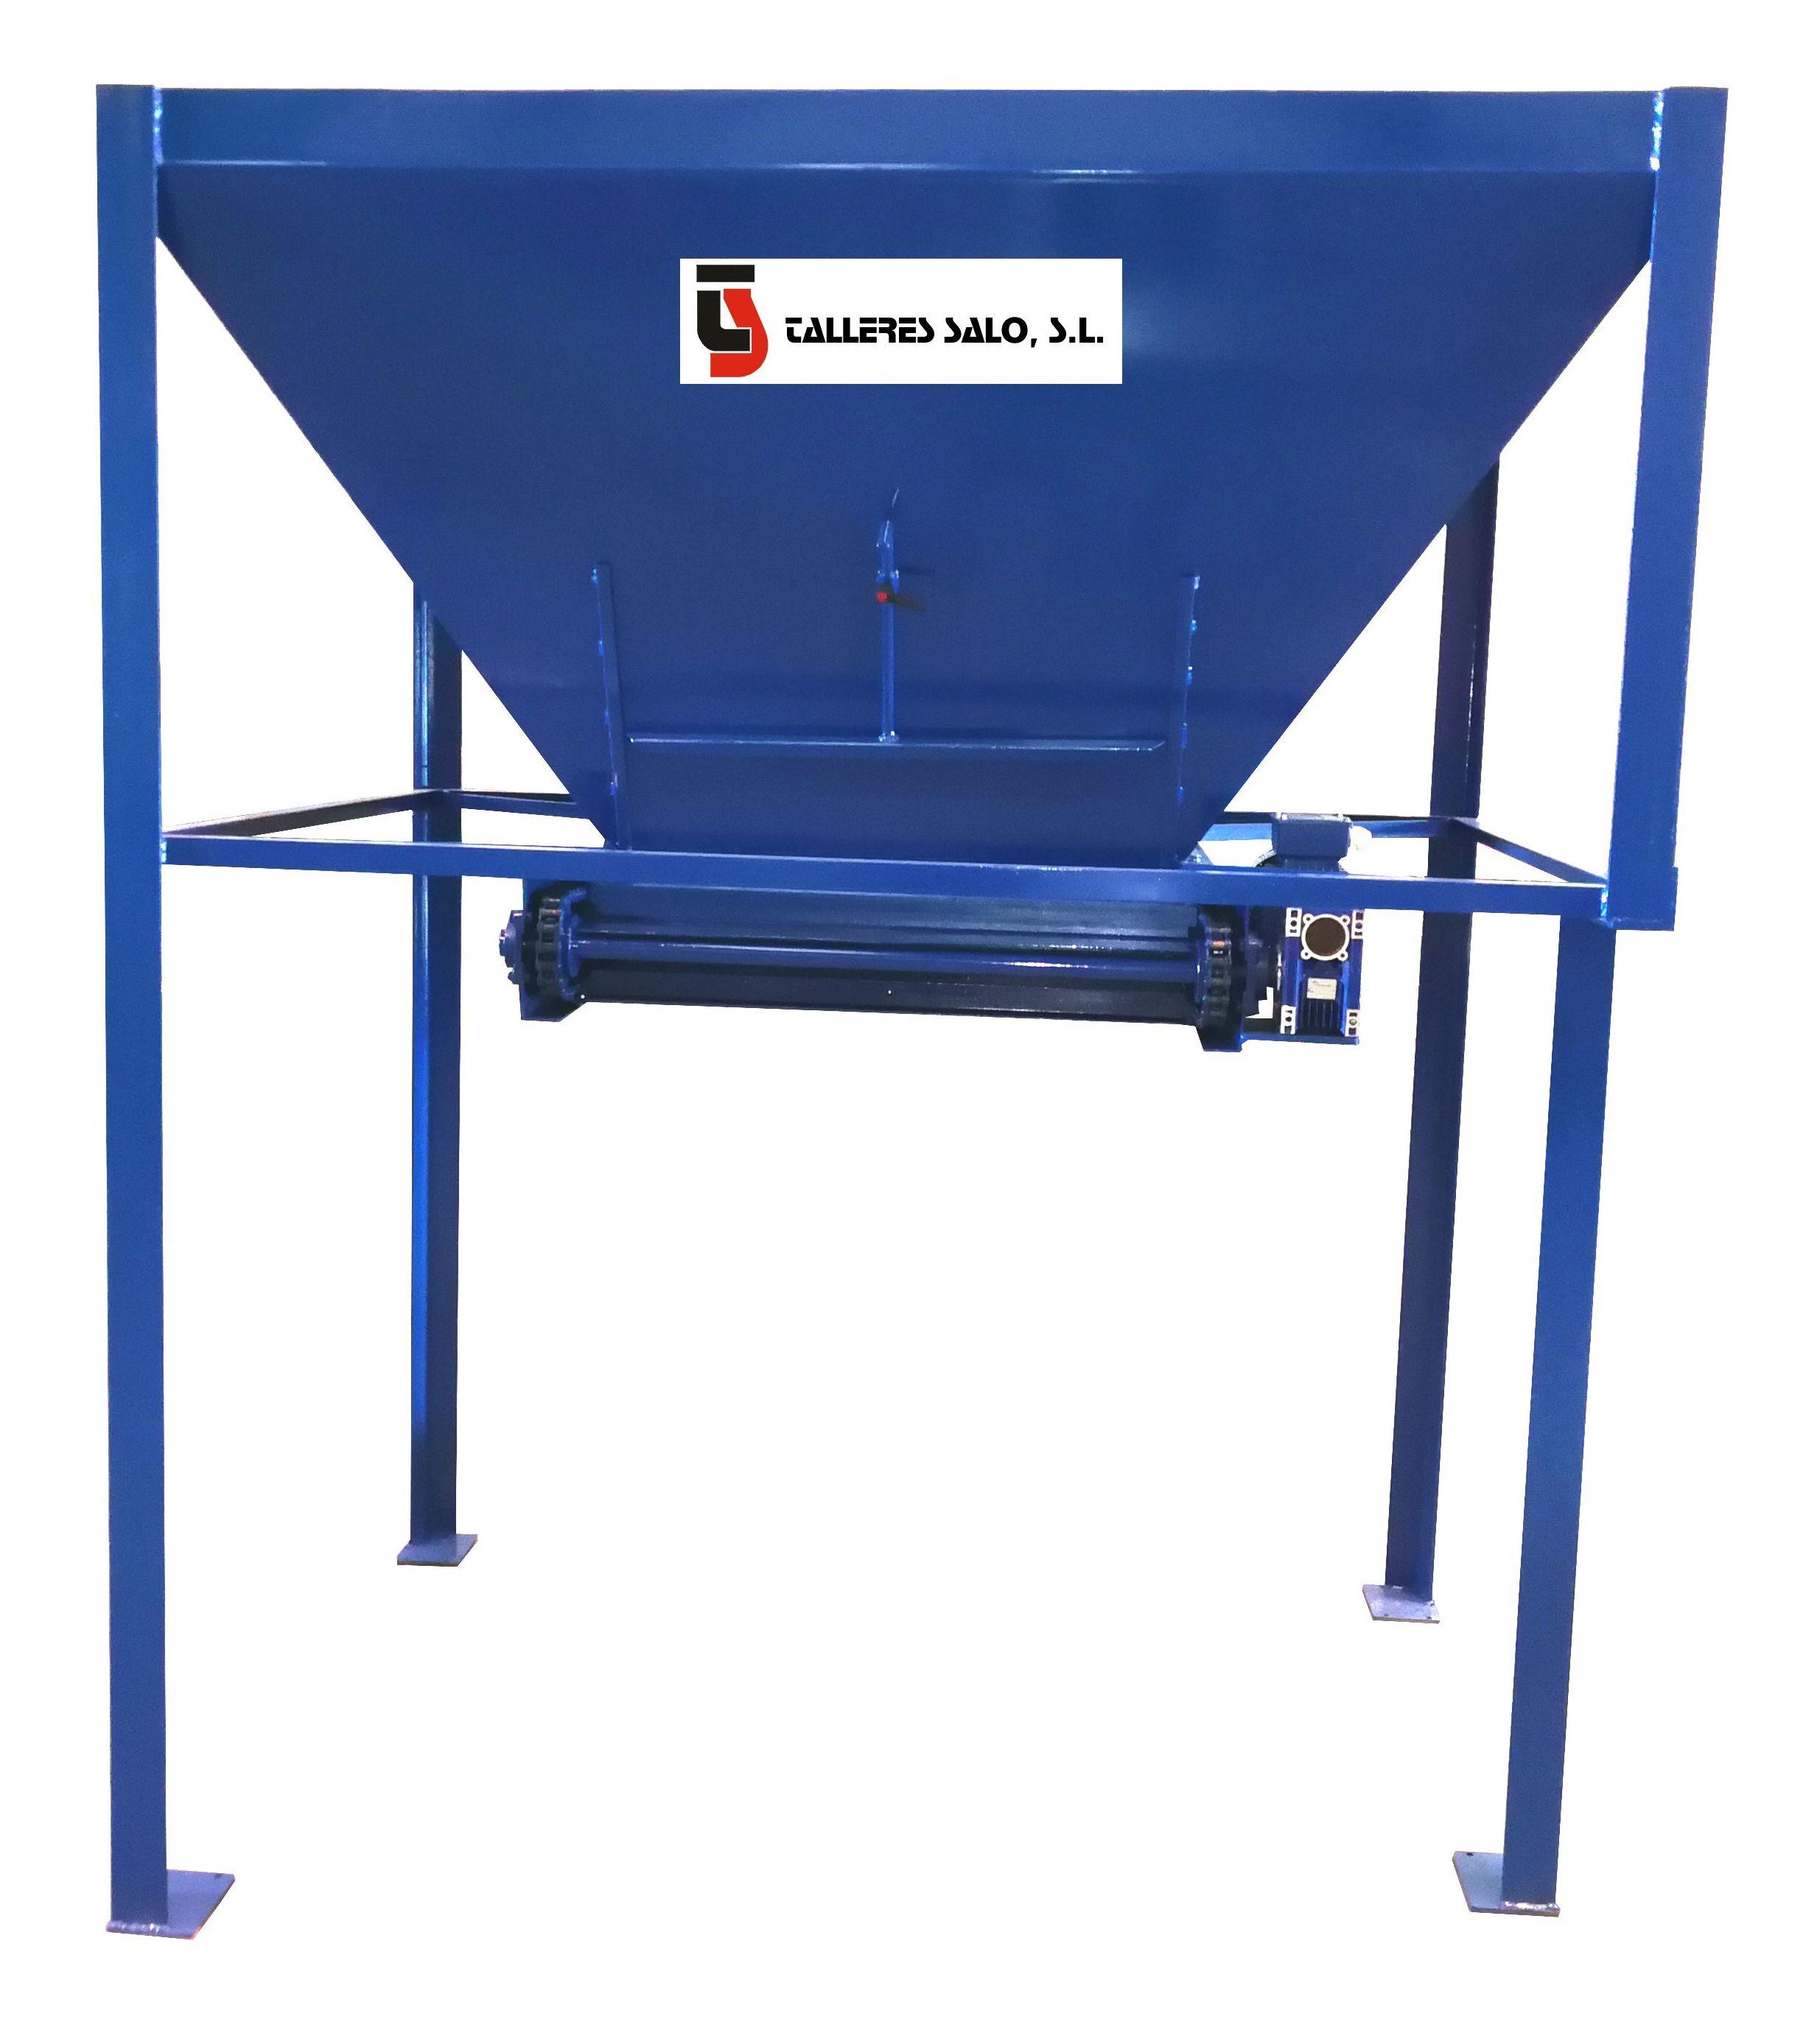 Tolva Acero Carbono portilla caudal regulable, vaciado por arrastre cadenas (moto-reductor)